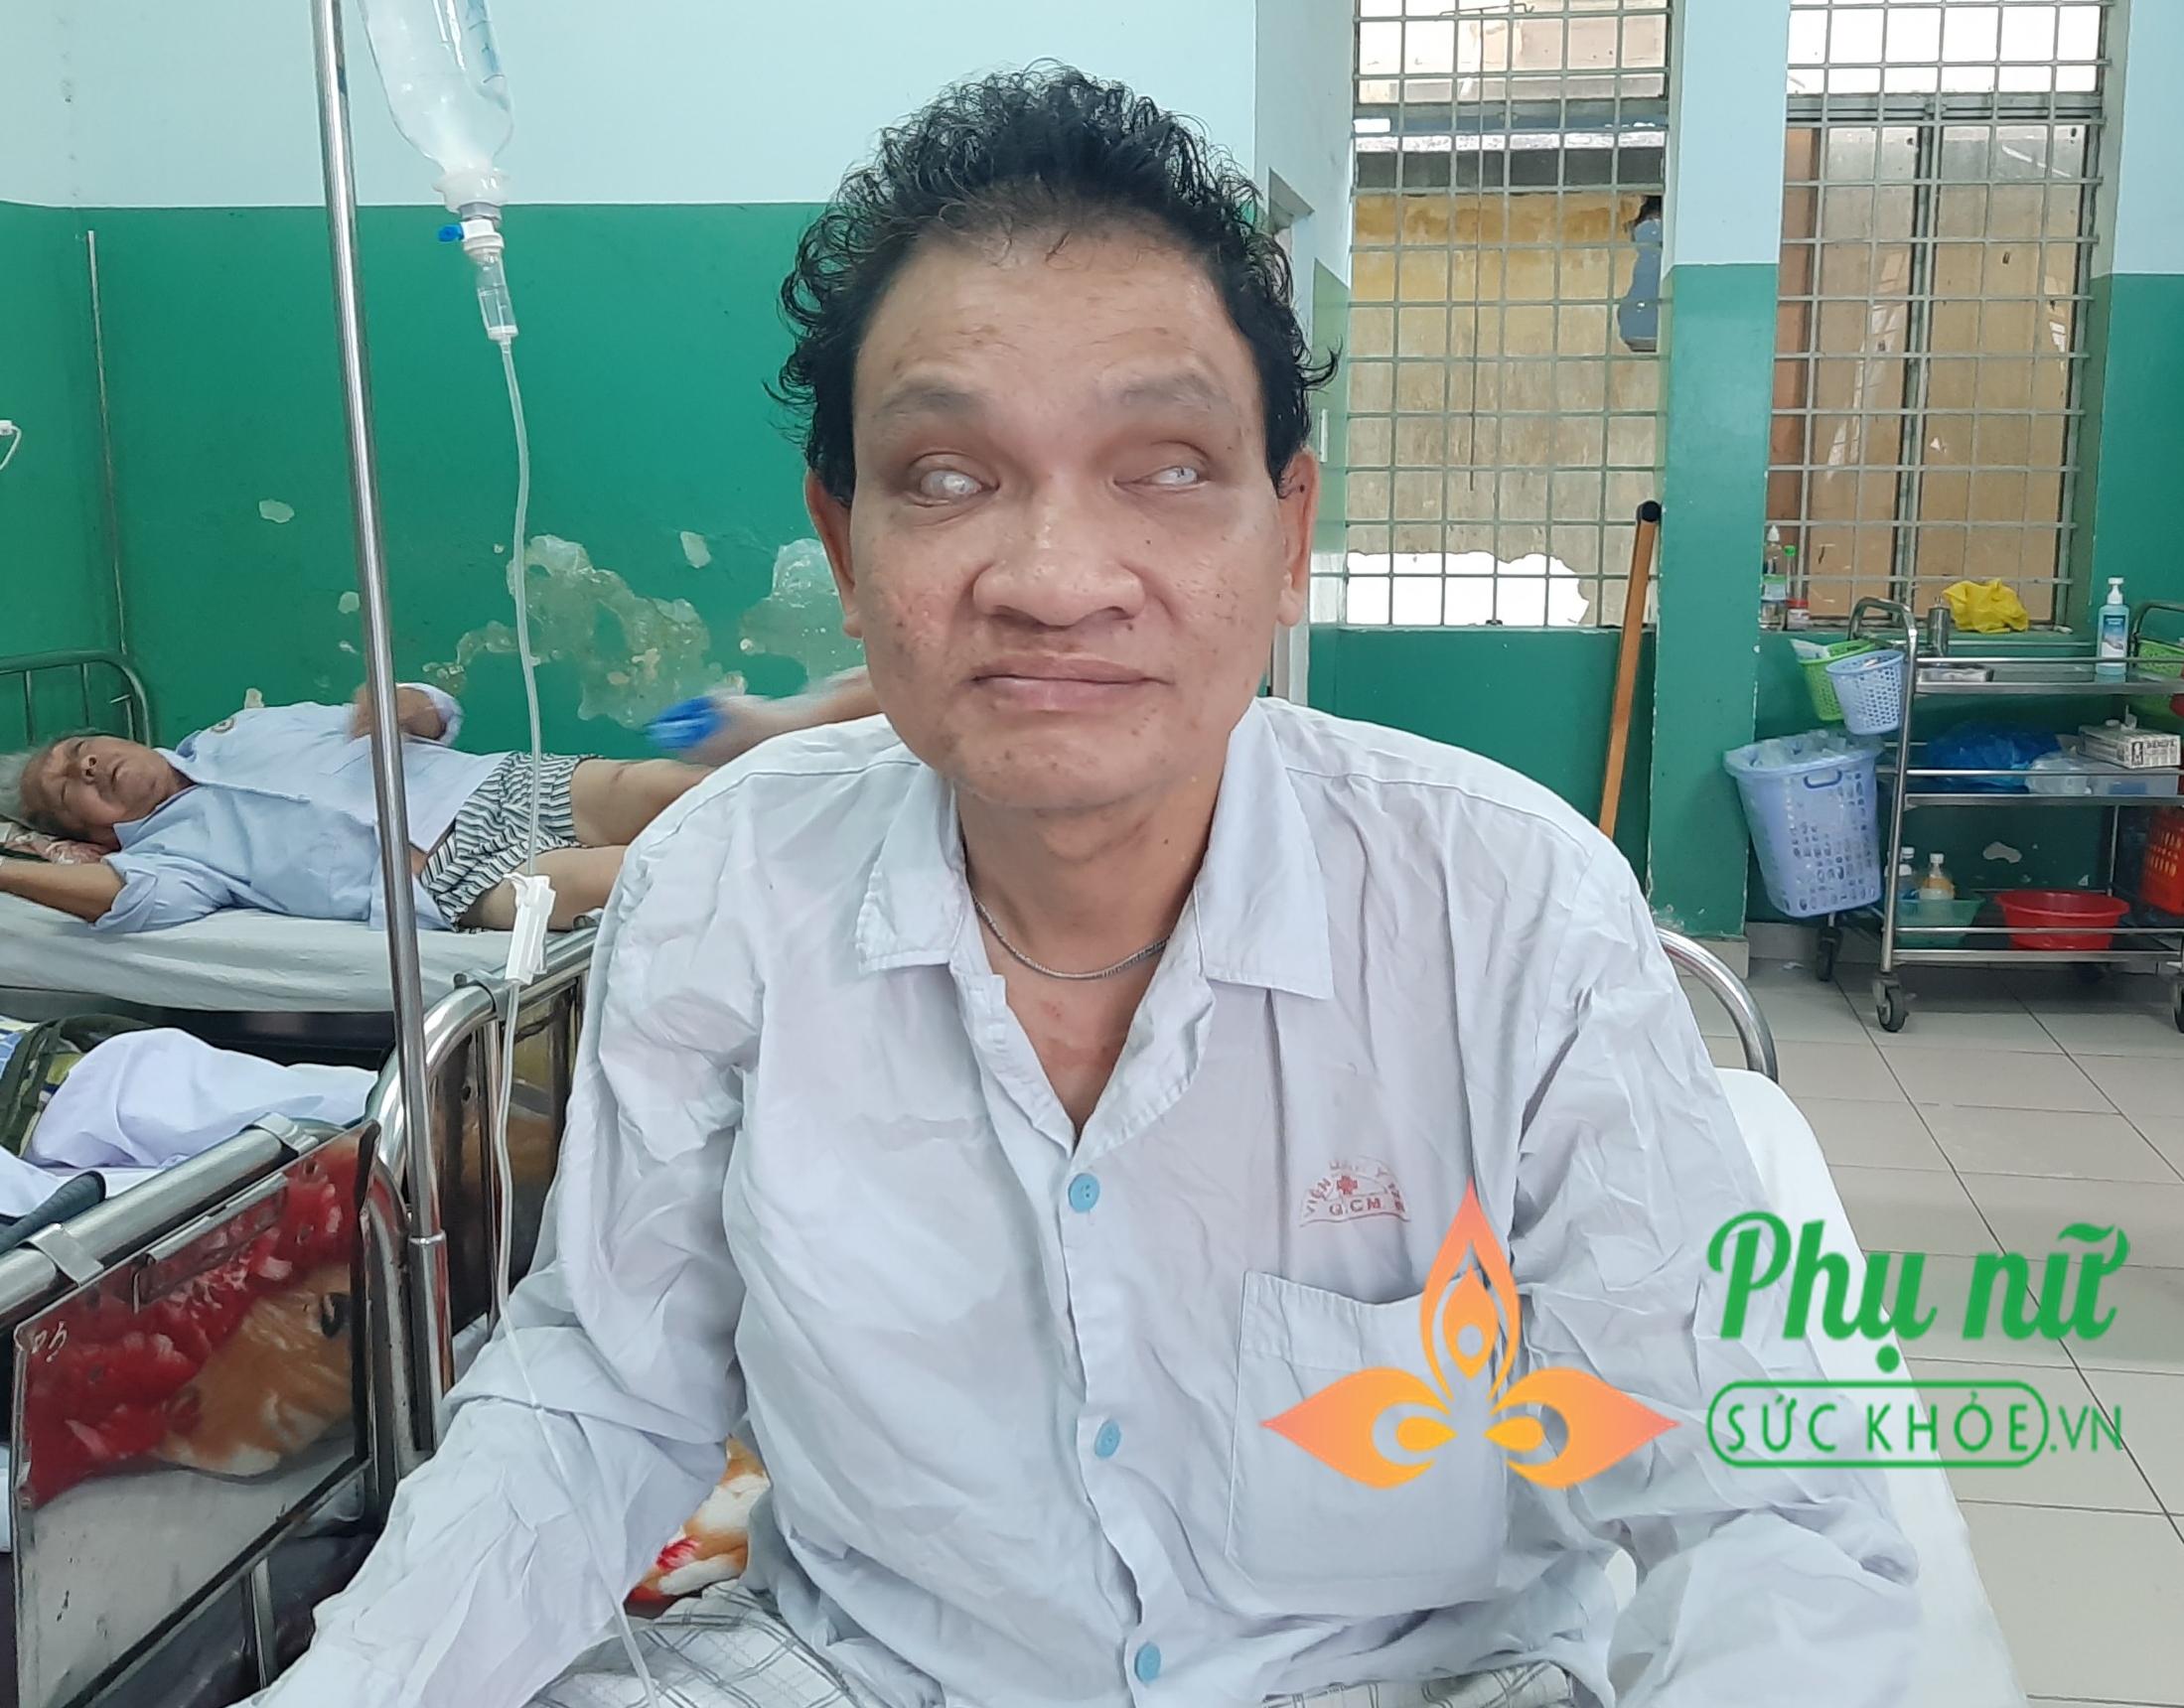 Thương tâm người đàn ông mù vô gia cư bị hoại tử chân, mong được bà con giúp đỡ